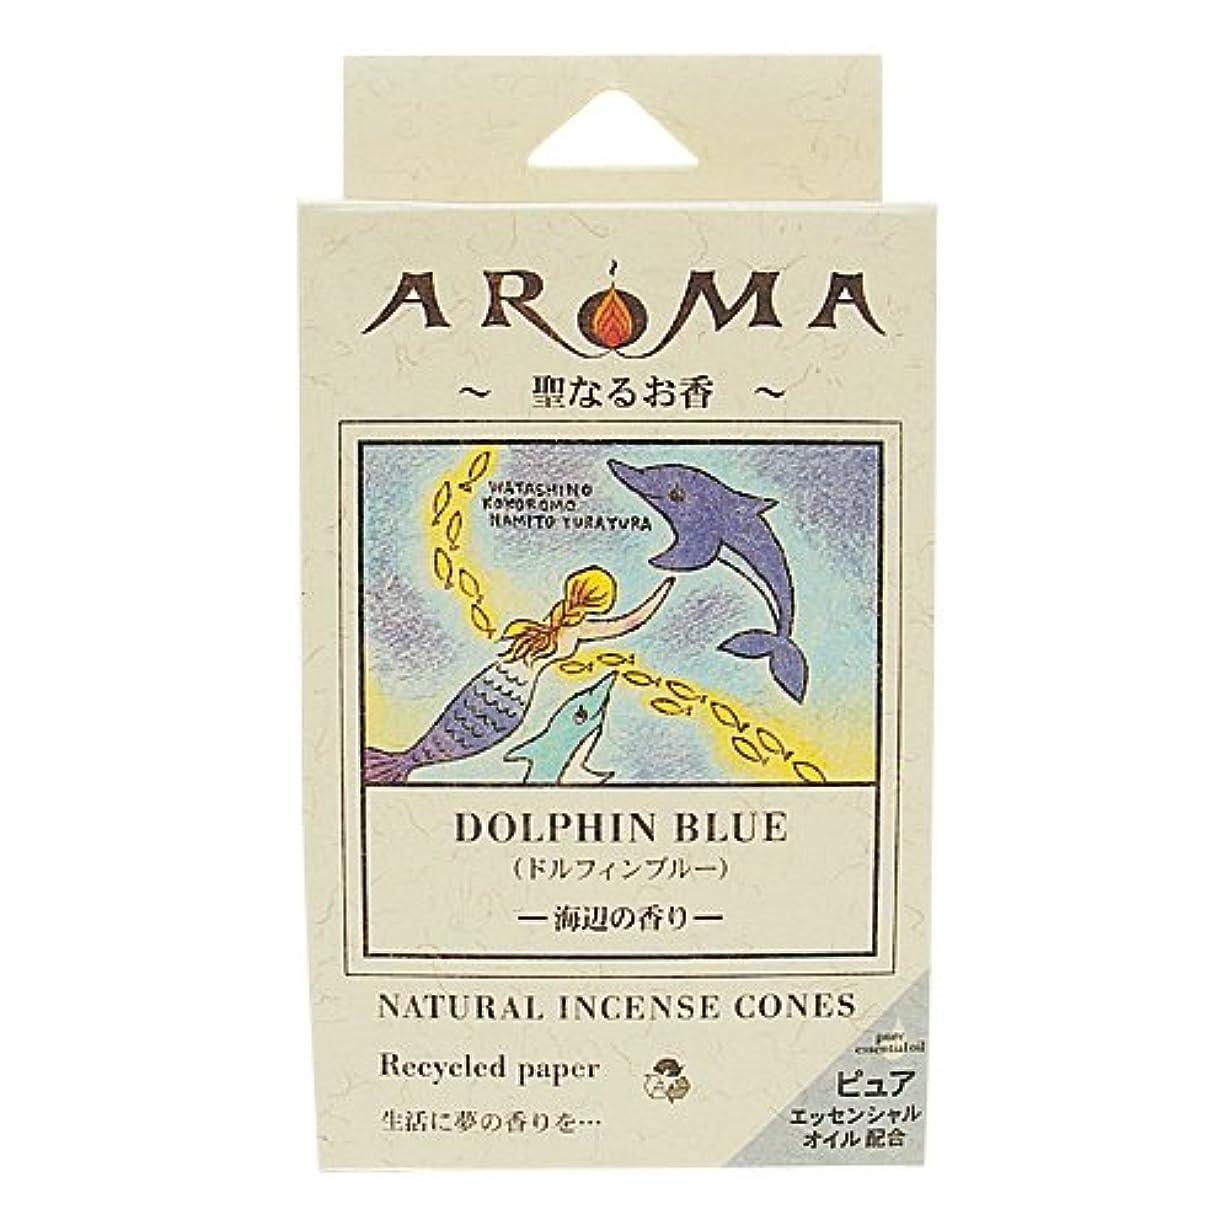 散らす主要な達成可能アロマ香 ドルフィンブルー 16粒(コーンタイプインセンス 1粒の燃焼時間約20分 海辺の香り)